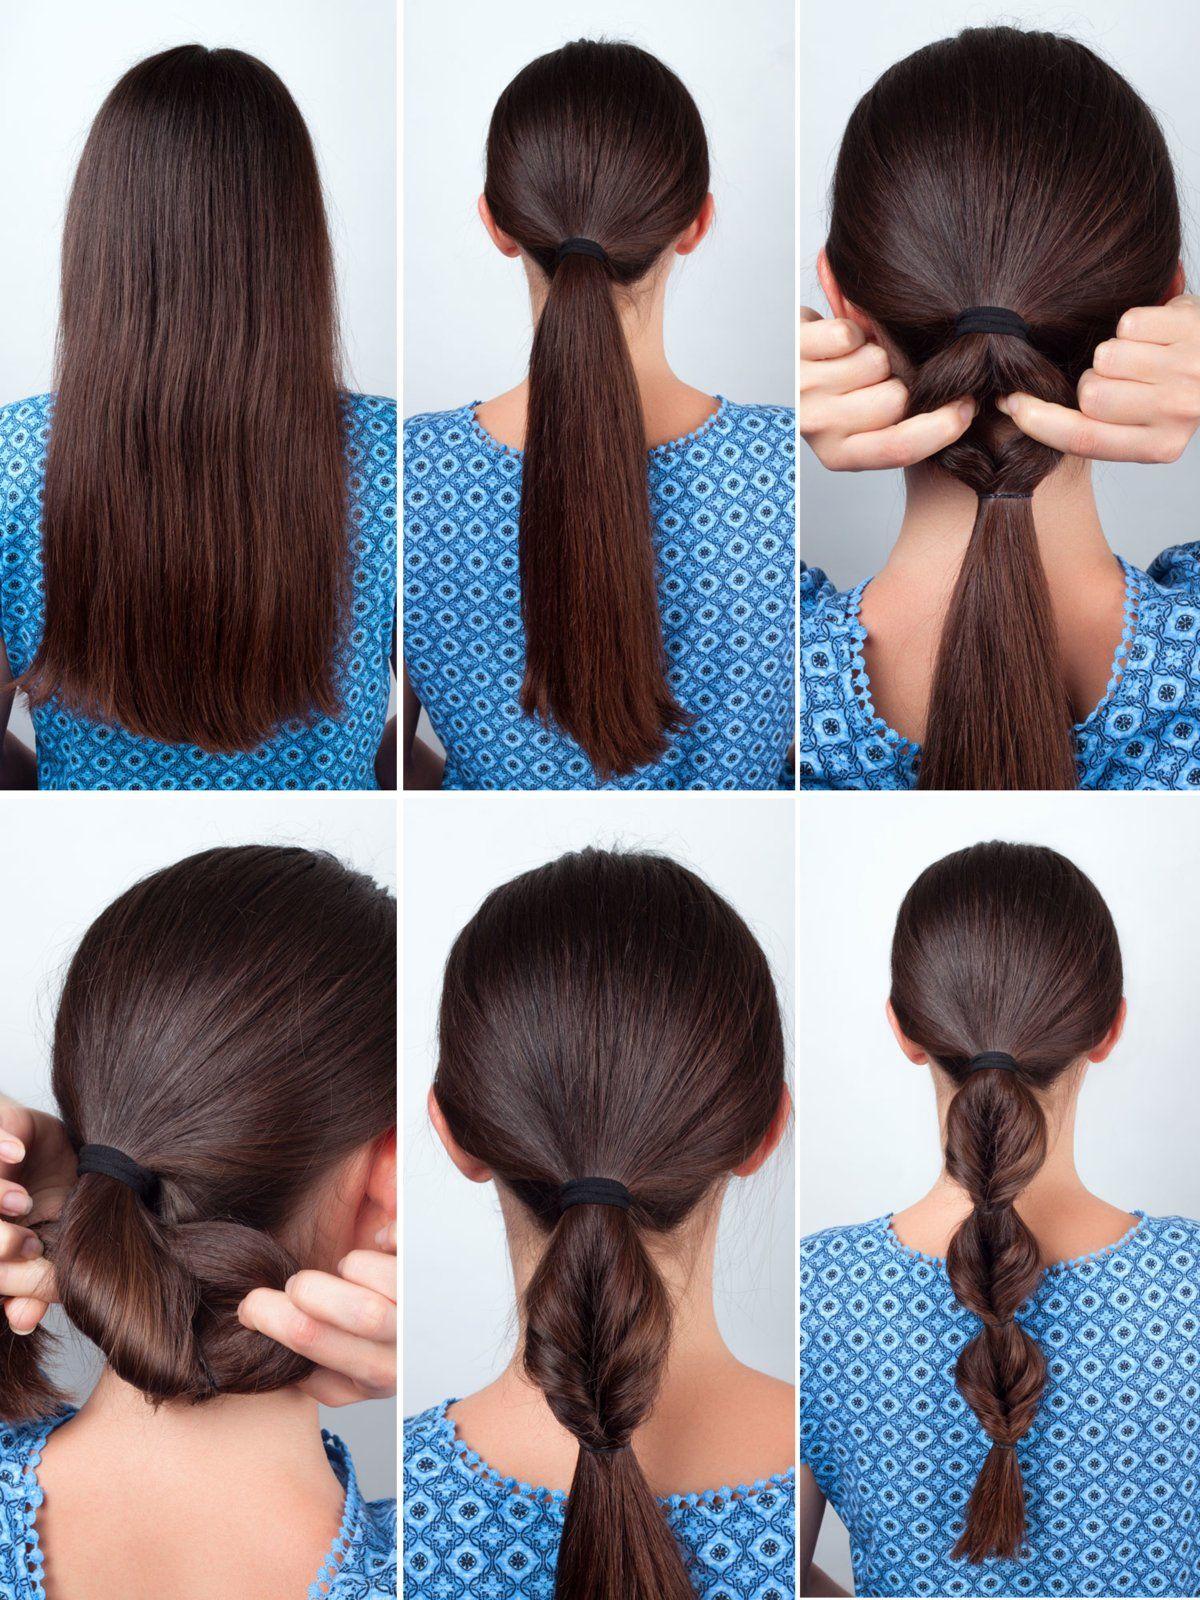 Step By Step Die 10 Schönsten Frisuren Zum Nachstylen Pinterest